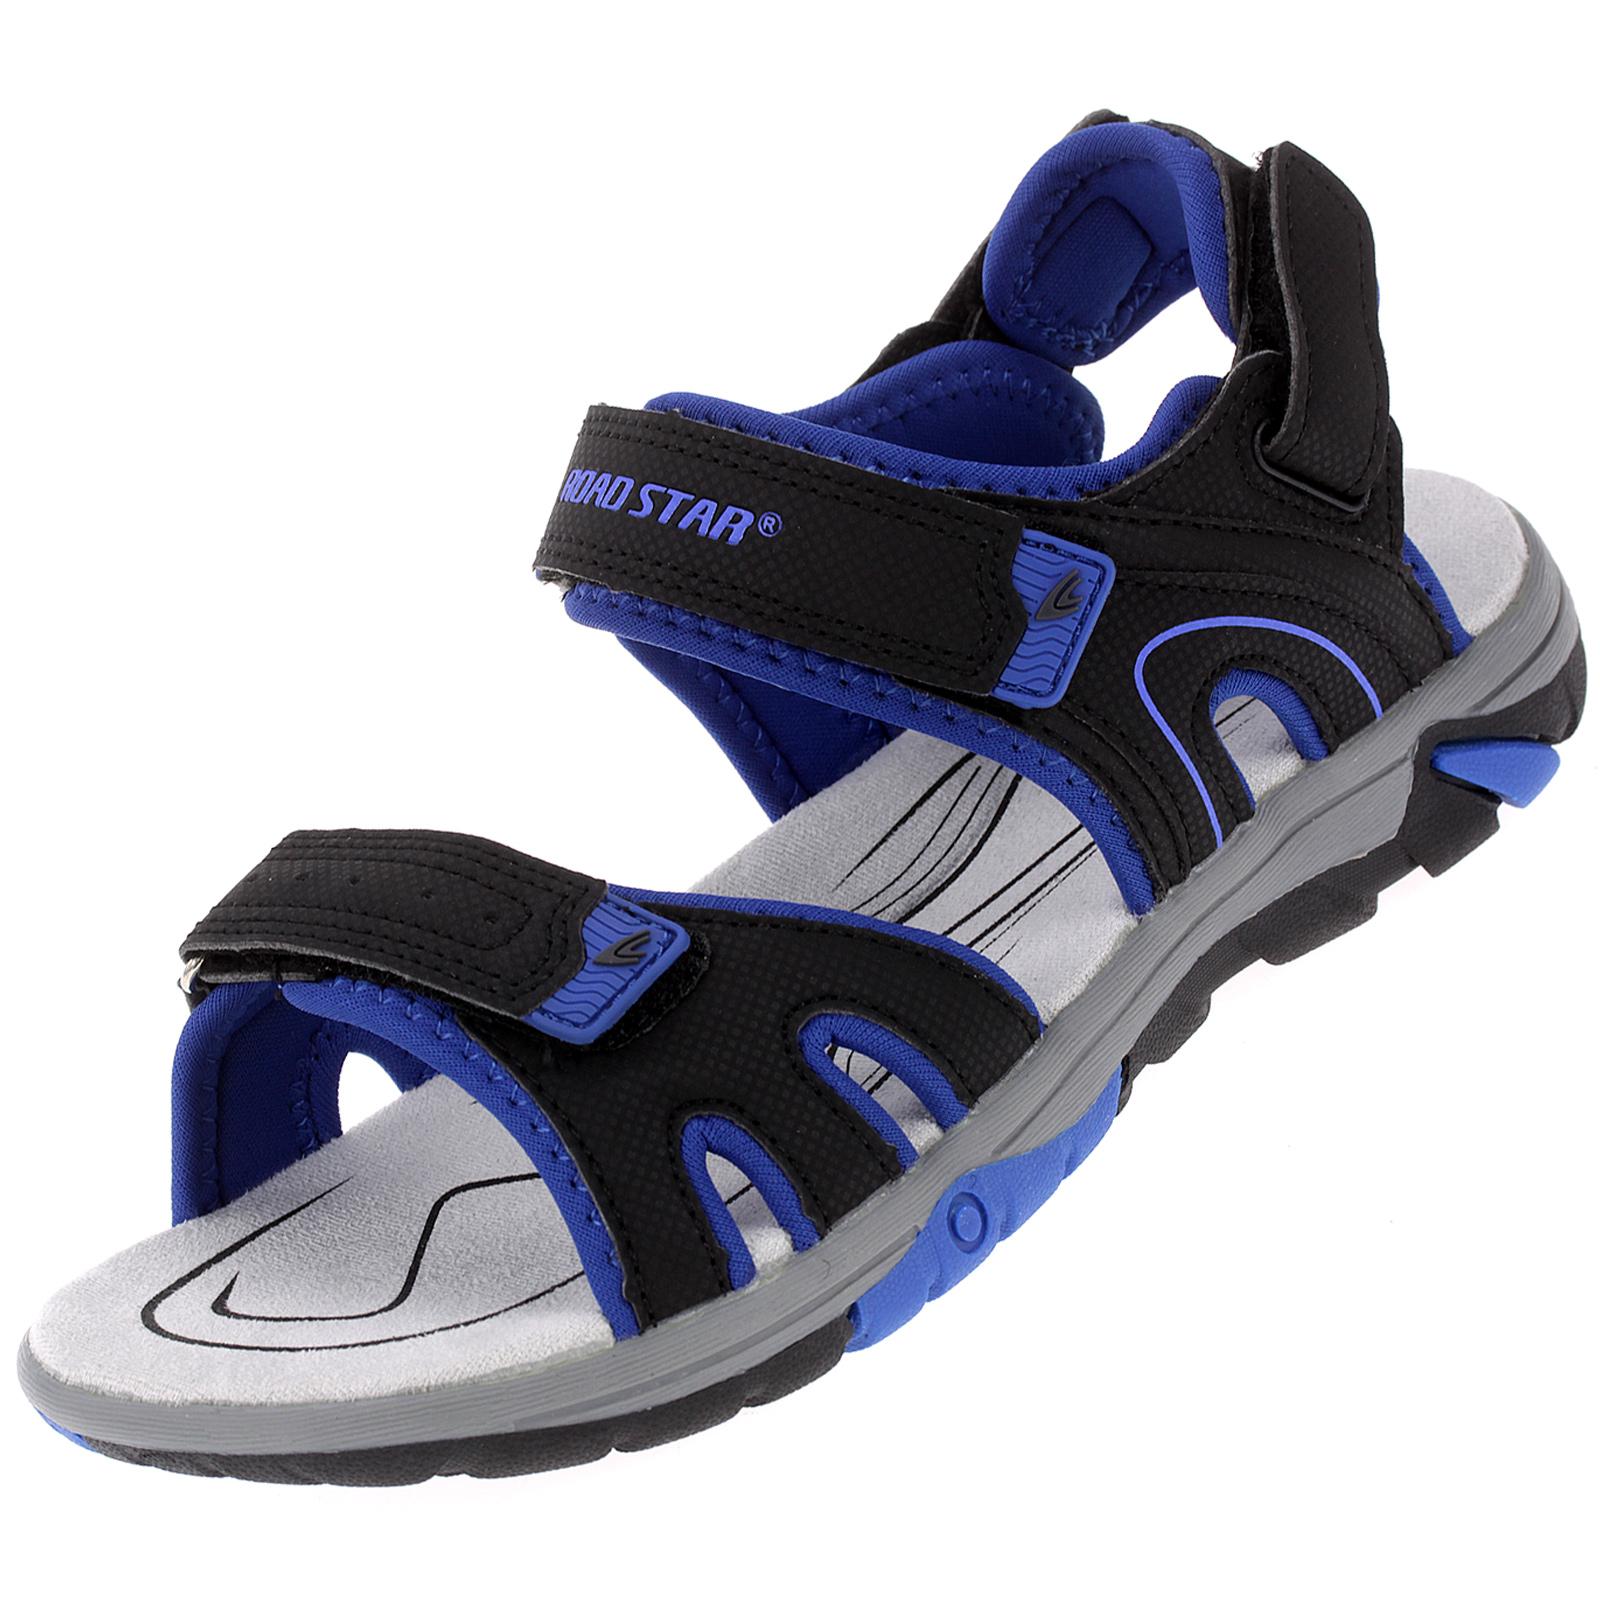 Damen Herren Sandale Outdoor Sommer Sportschuhe Trekking Freizeitschuhe RS2907